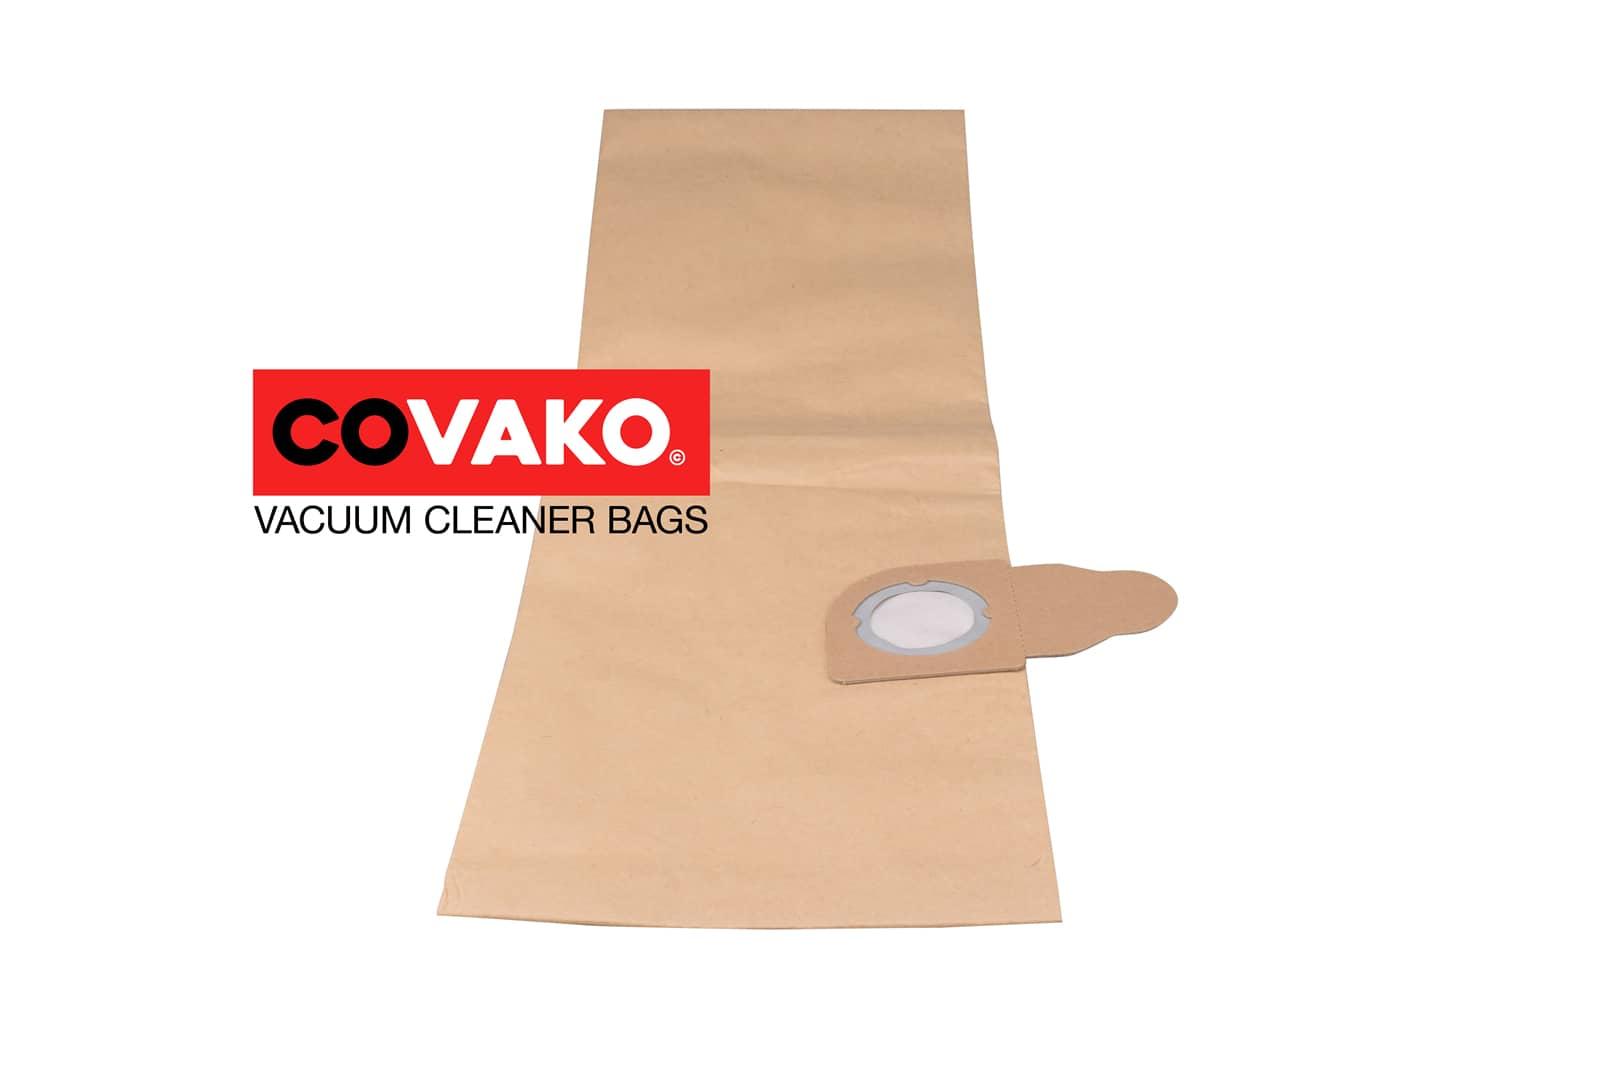 Alto Aero 640 / Papier - Alto stofzuigerzakken